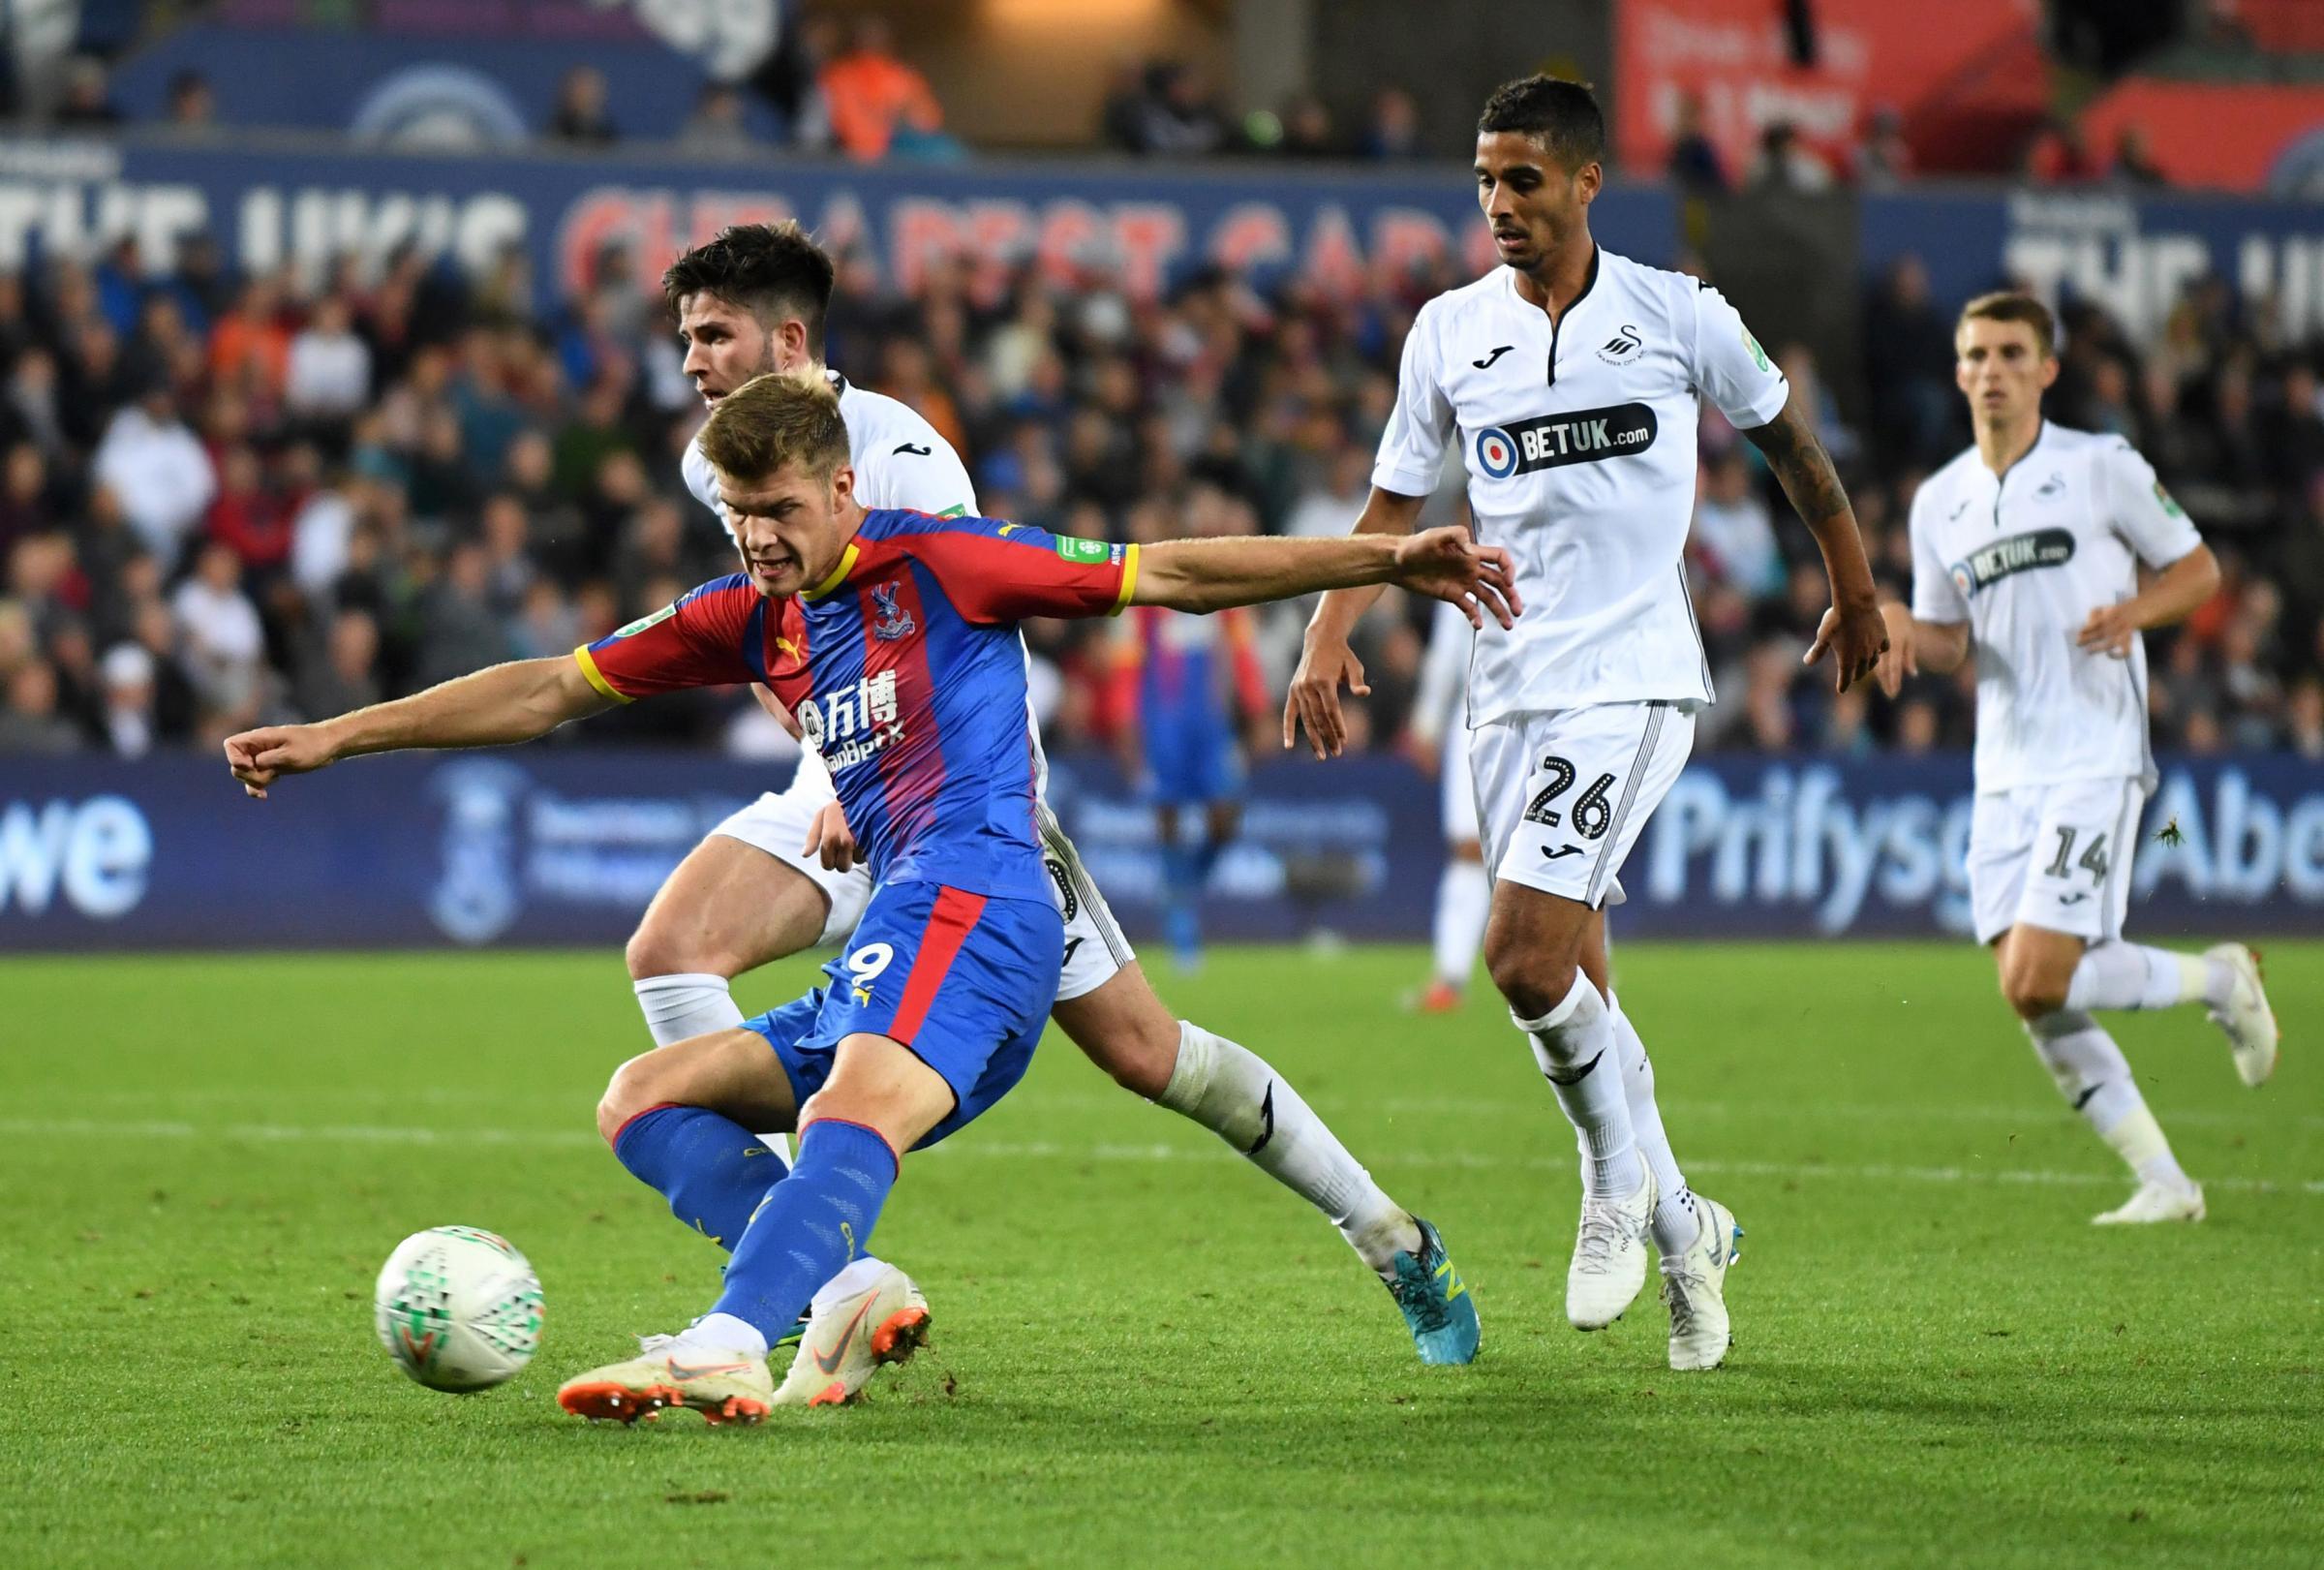 Crystal Palace's Alexander Sorloth impressing on loan at Trabzonspor